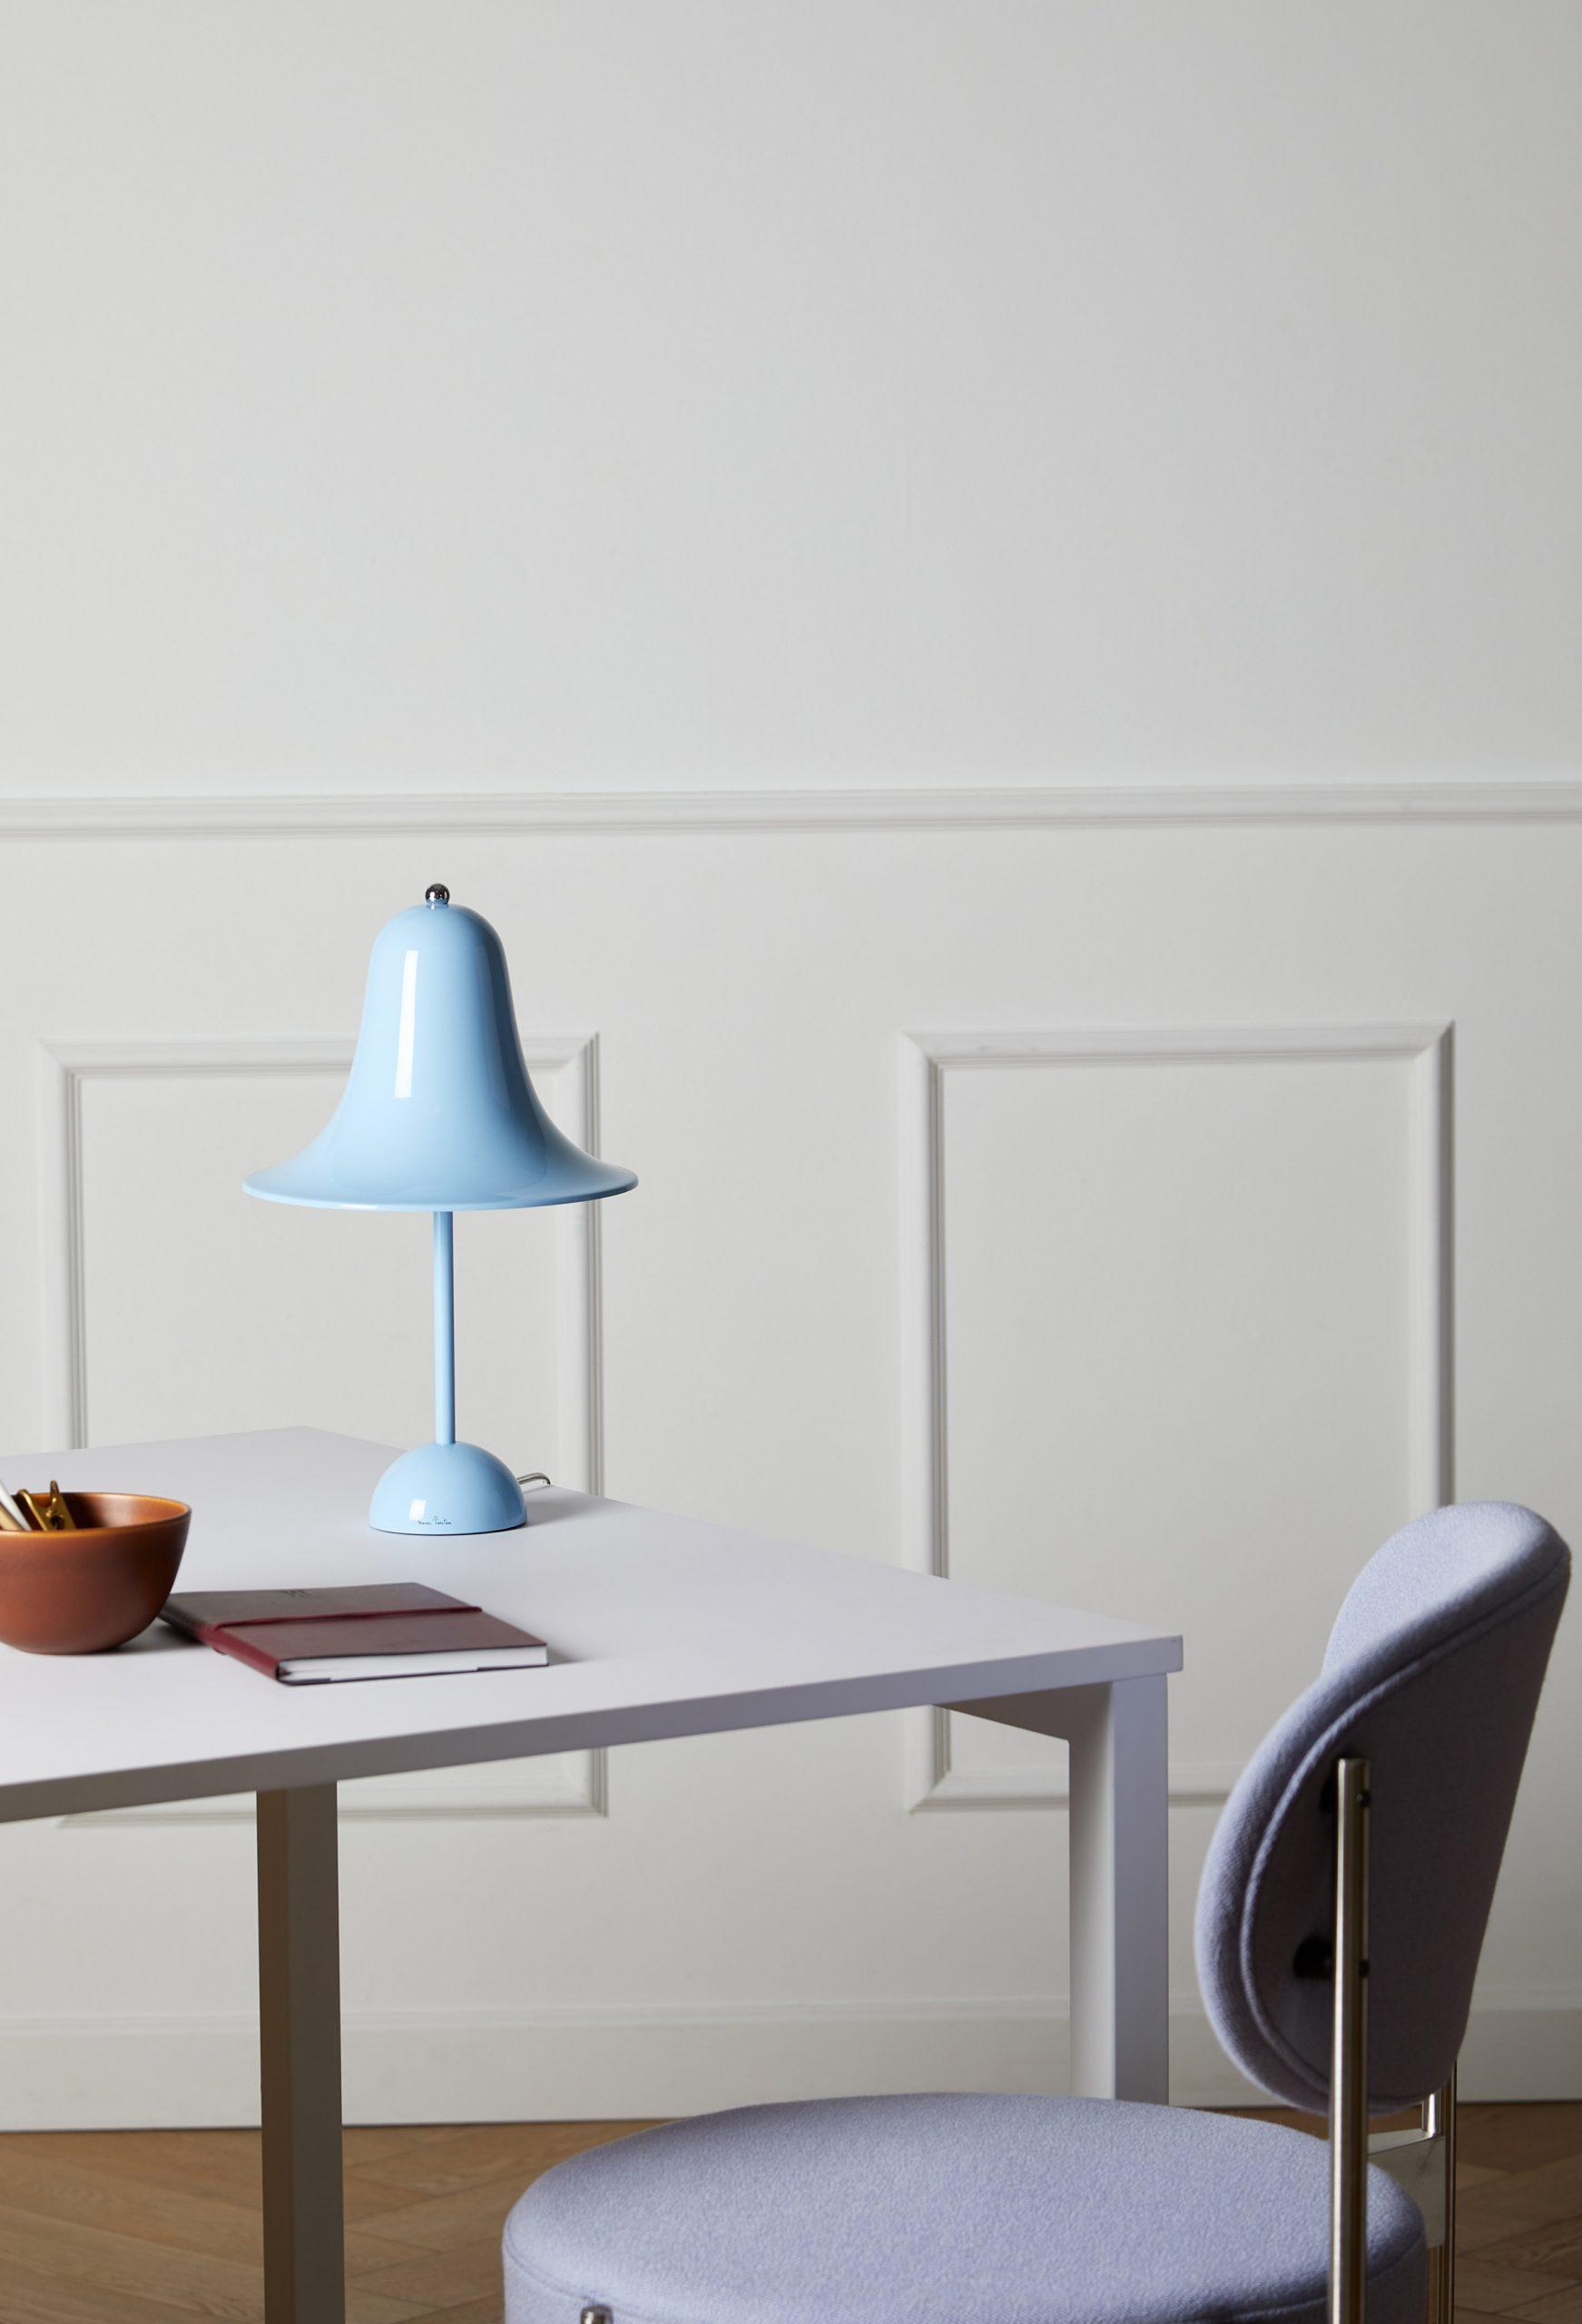 Blue Pantop table lamp by Verner Panton for Verpan